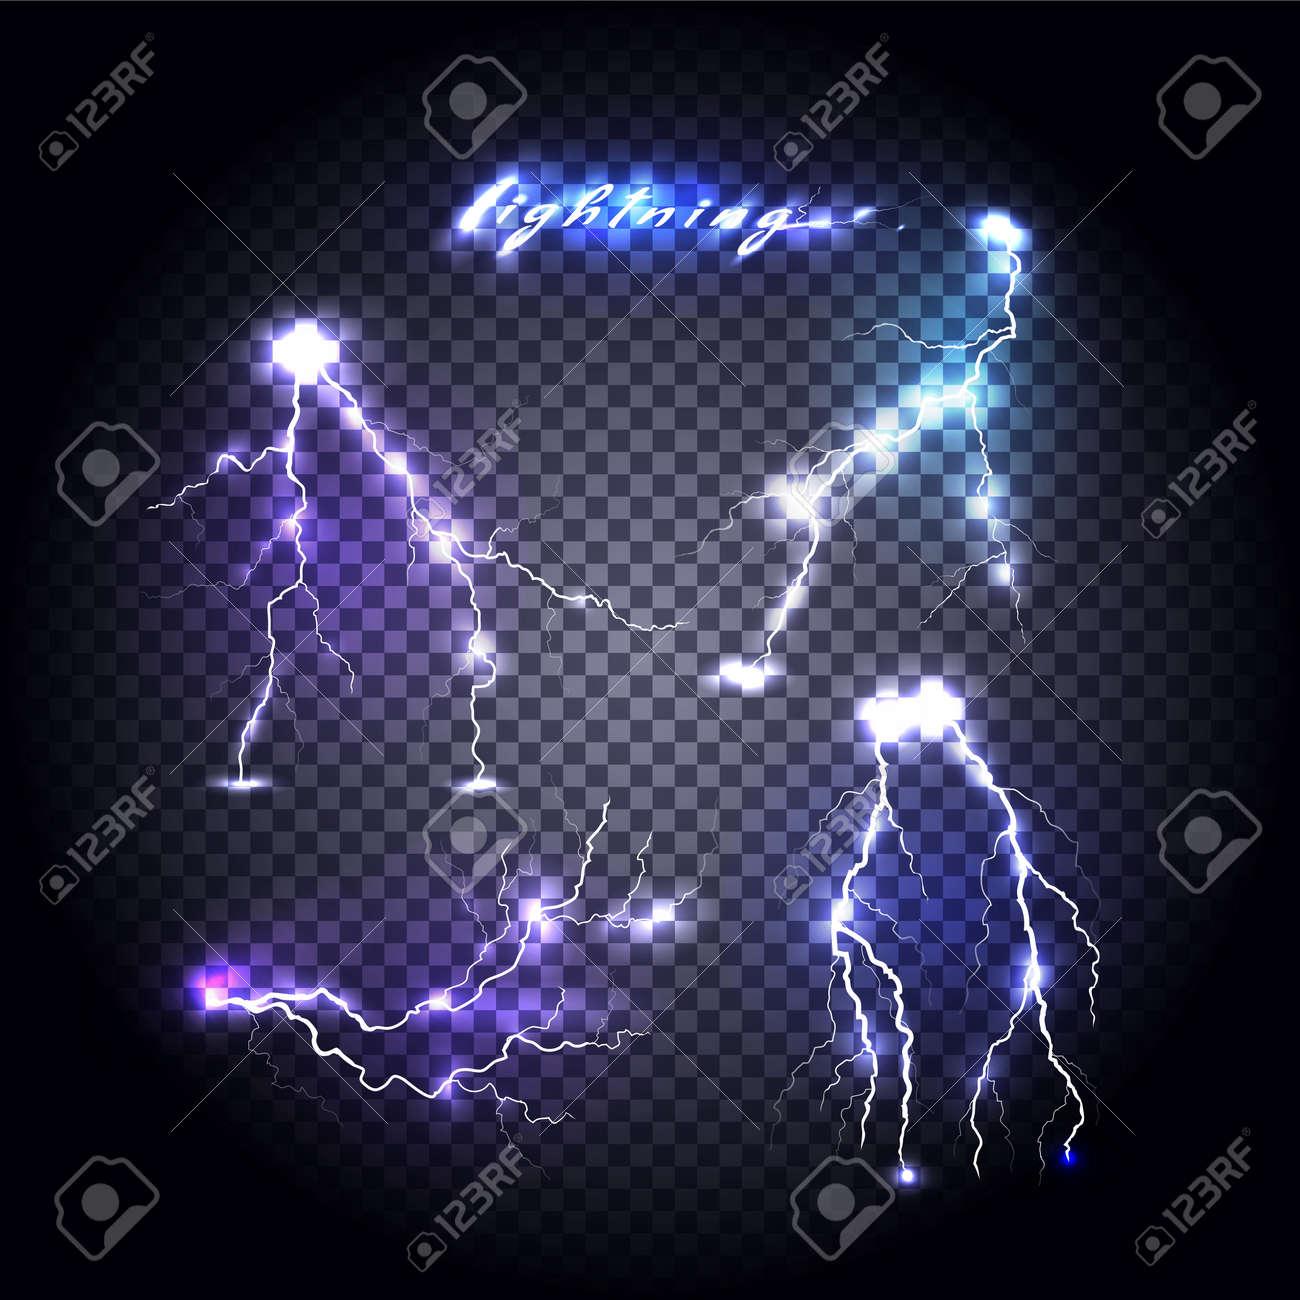 Set of bright lightning design. Light and lightning bolt, electricity and lightning storm, storm and thunder, bright flash, power energy, shock danger, thunderstorm abstract illustration - 49426477